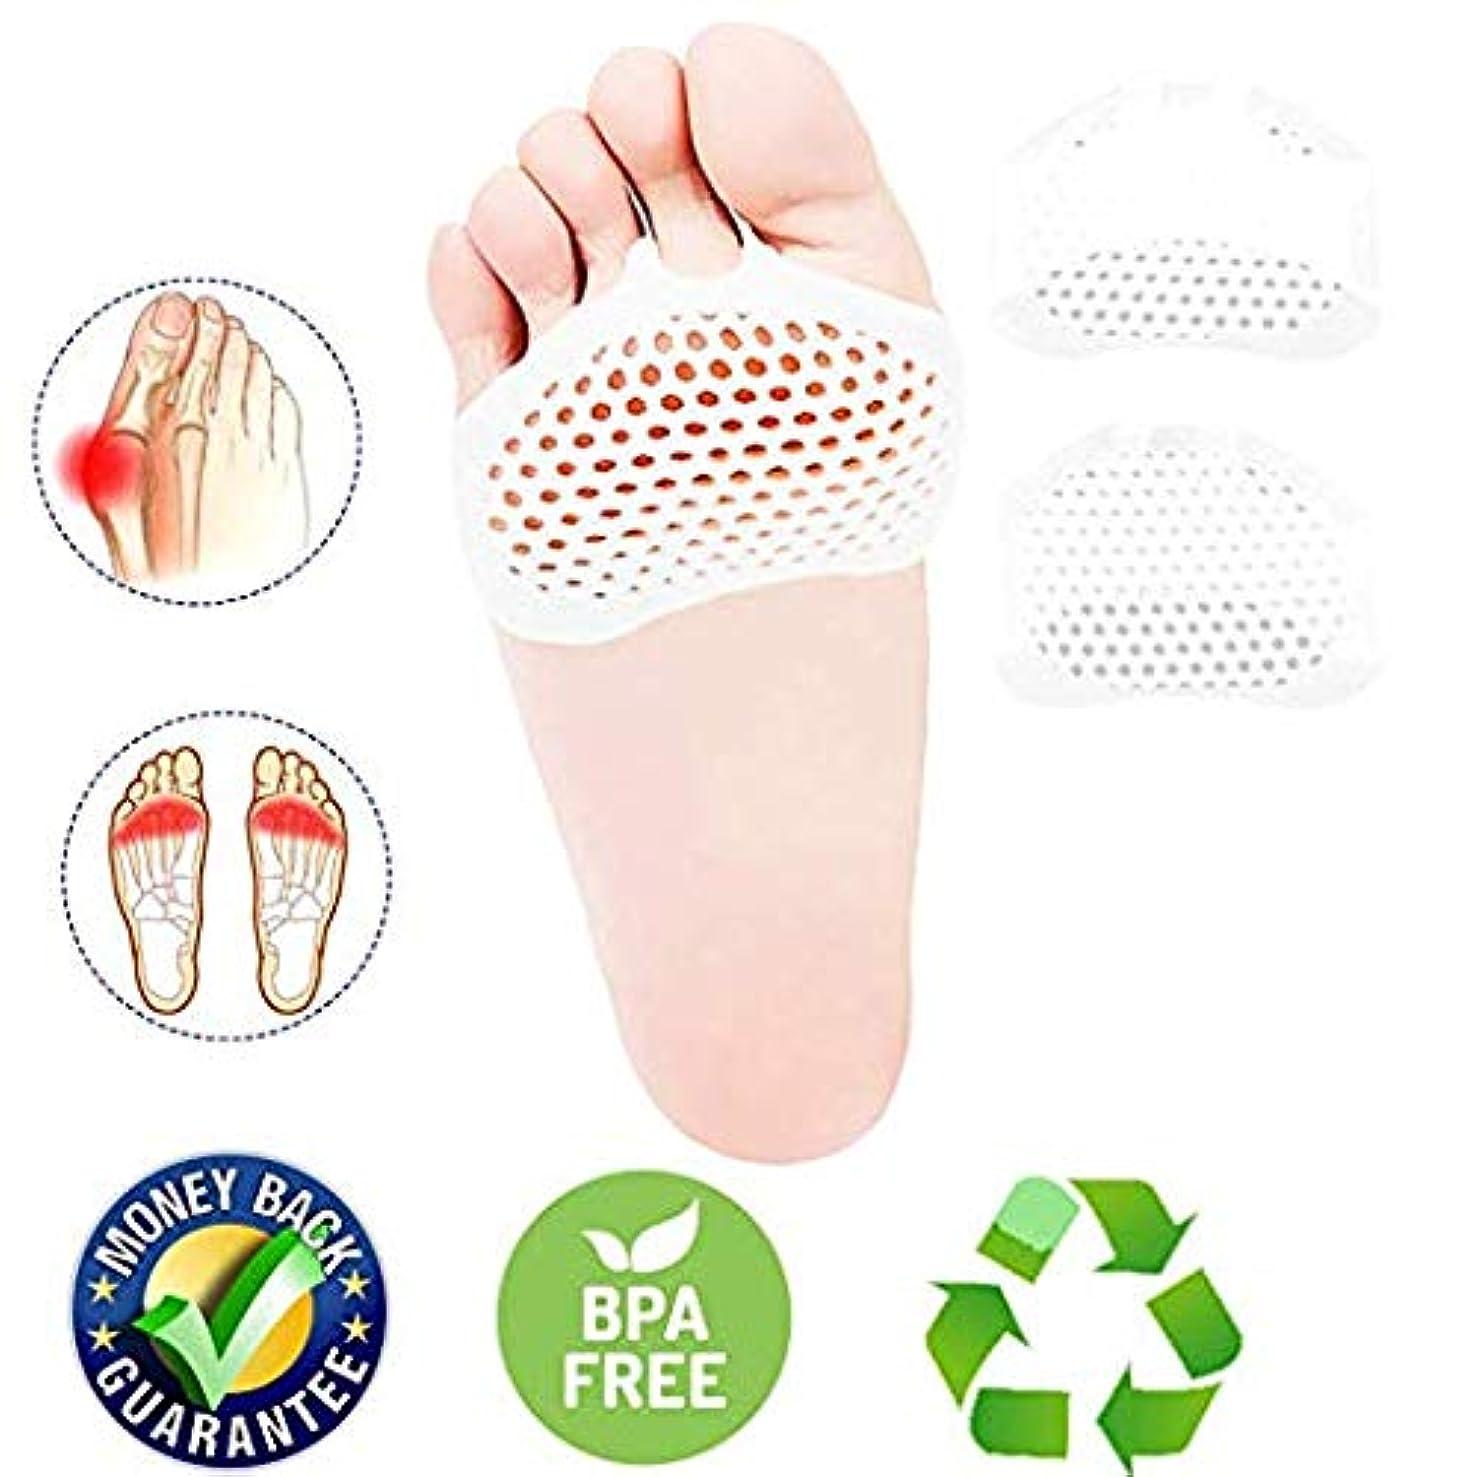 噂かどうか昼食中足骨パッドフットクッションのボール、つま先セパレーター、つま先セパレーターストレッチャー、ゲルゴムシリコーンsesamoiditisパッド、通気性のある足の痛みを緩和するクッションハンマーまっすぐな腱膜炎の痛みの足